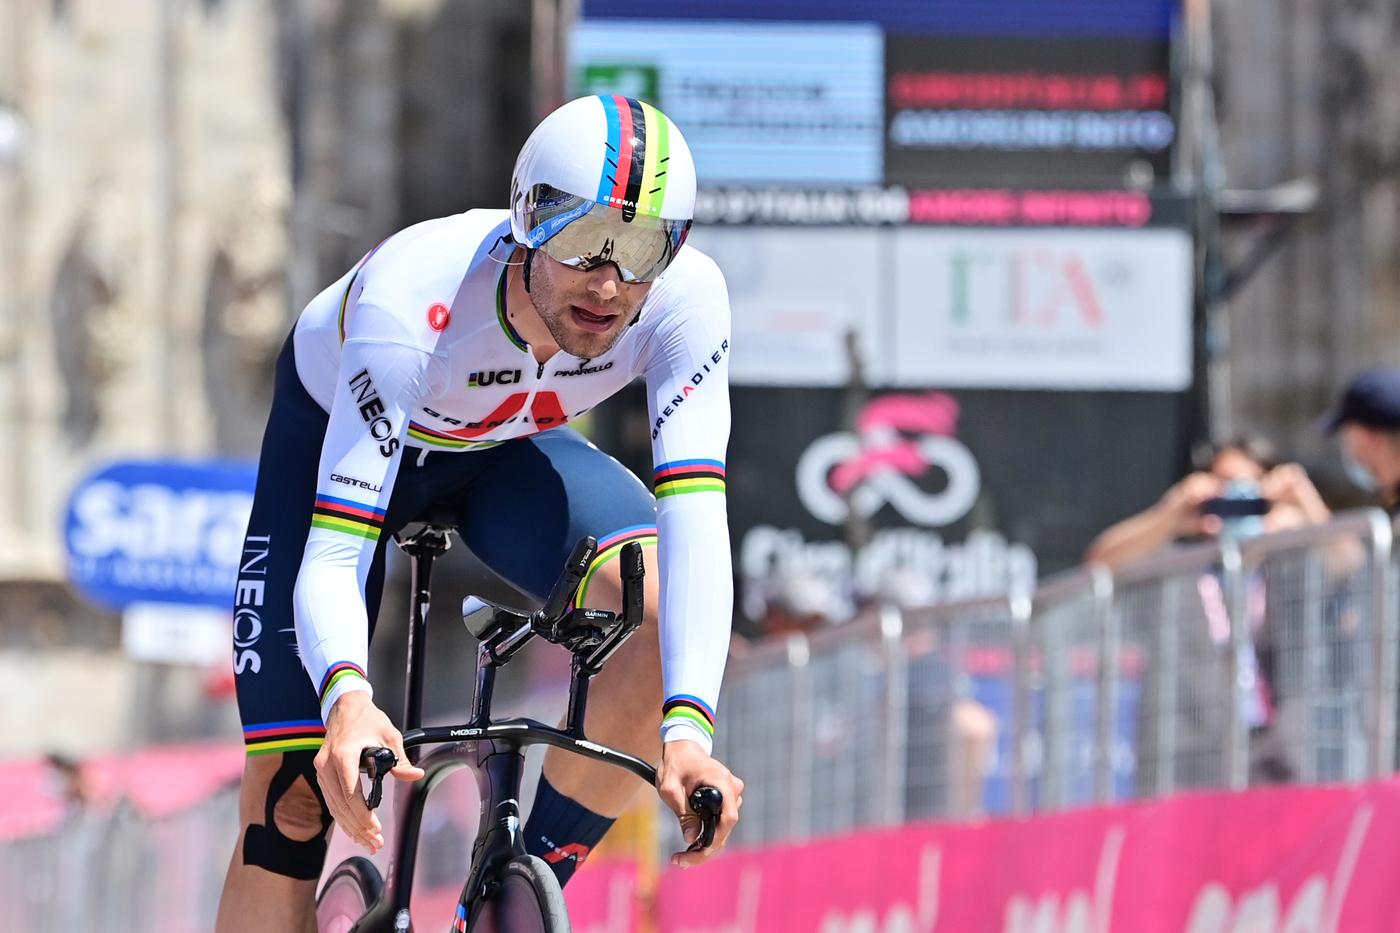 """Ciclismo, Filippo Ganna su un bolide rosse per le Olimpiadi! Assalto alla cronometro, provato il """"42"""""""